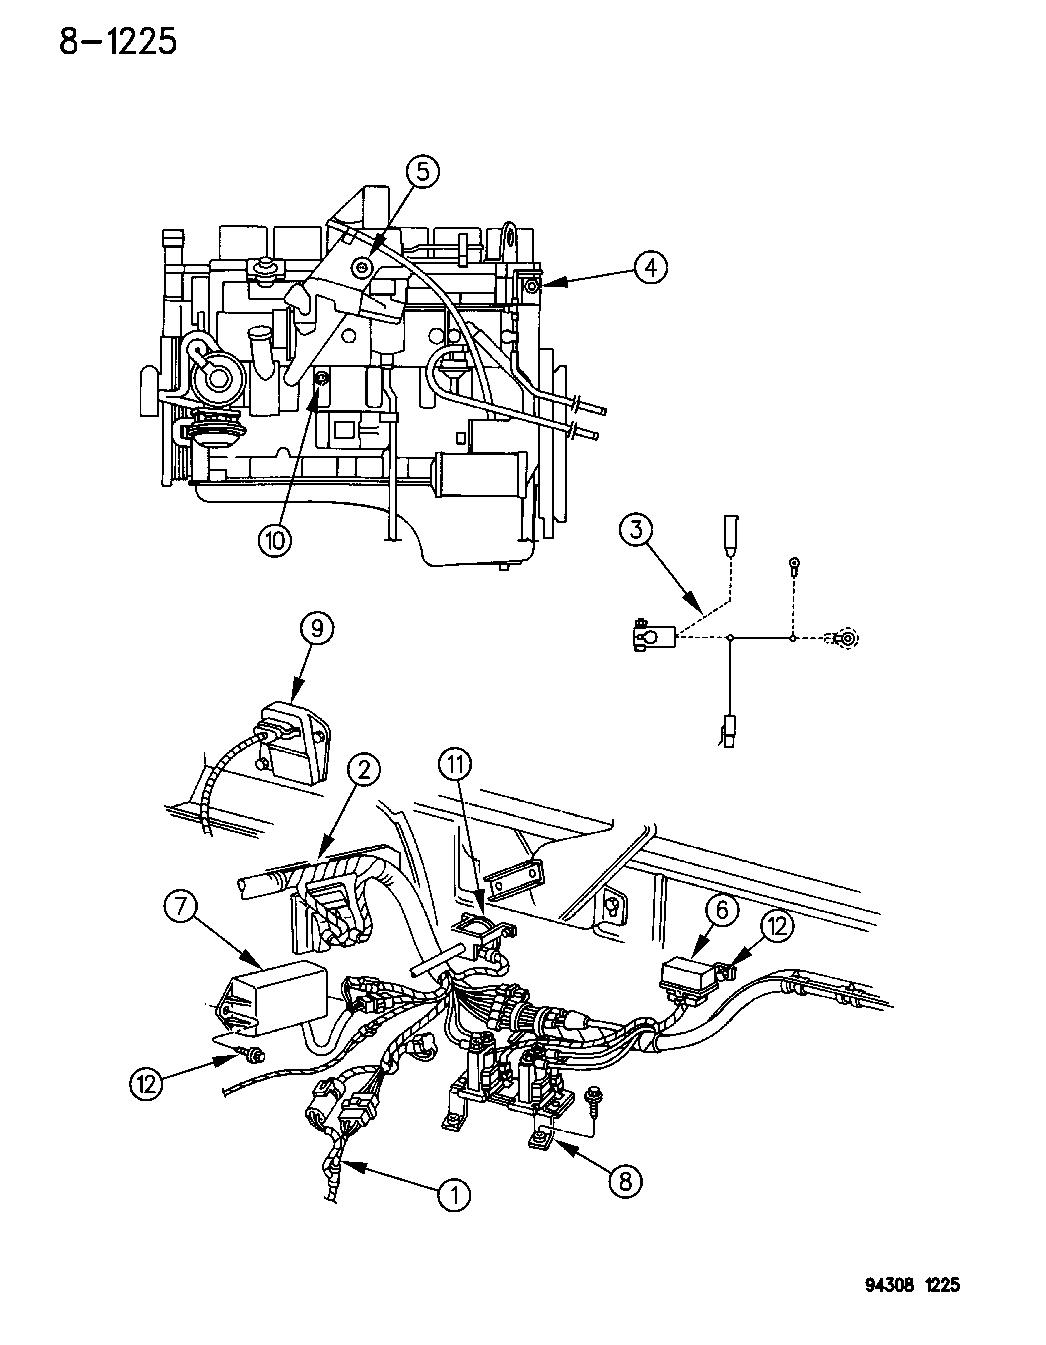 1994 Dodge Ram 1500 Wiring - Engine - Front End & Related PartsMopar Parts Giant